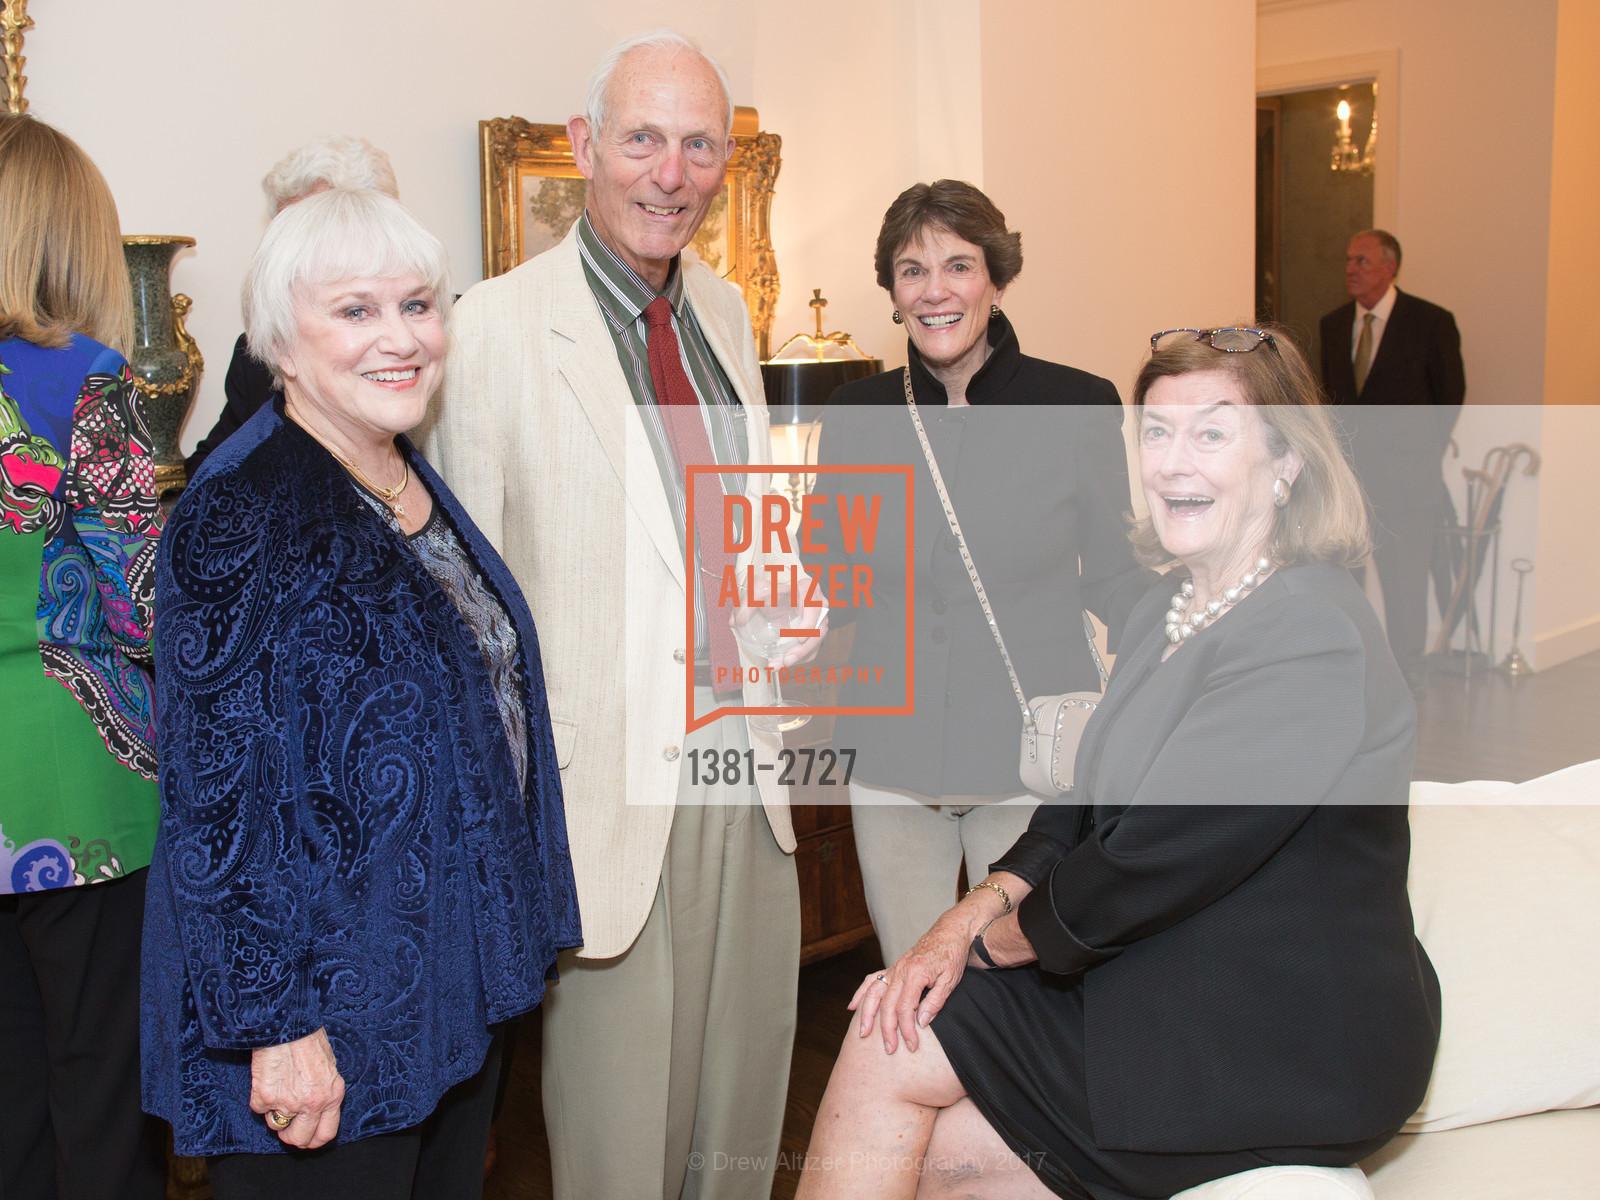 BeBe Trinkner, Roger Trinkner, Glennie Eisele, Susan Pelosi, Photo #1381-2727